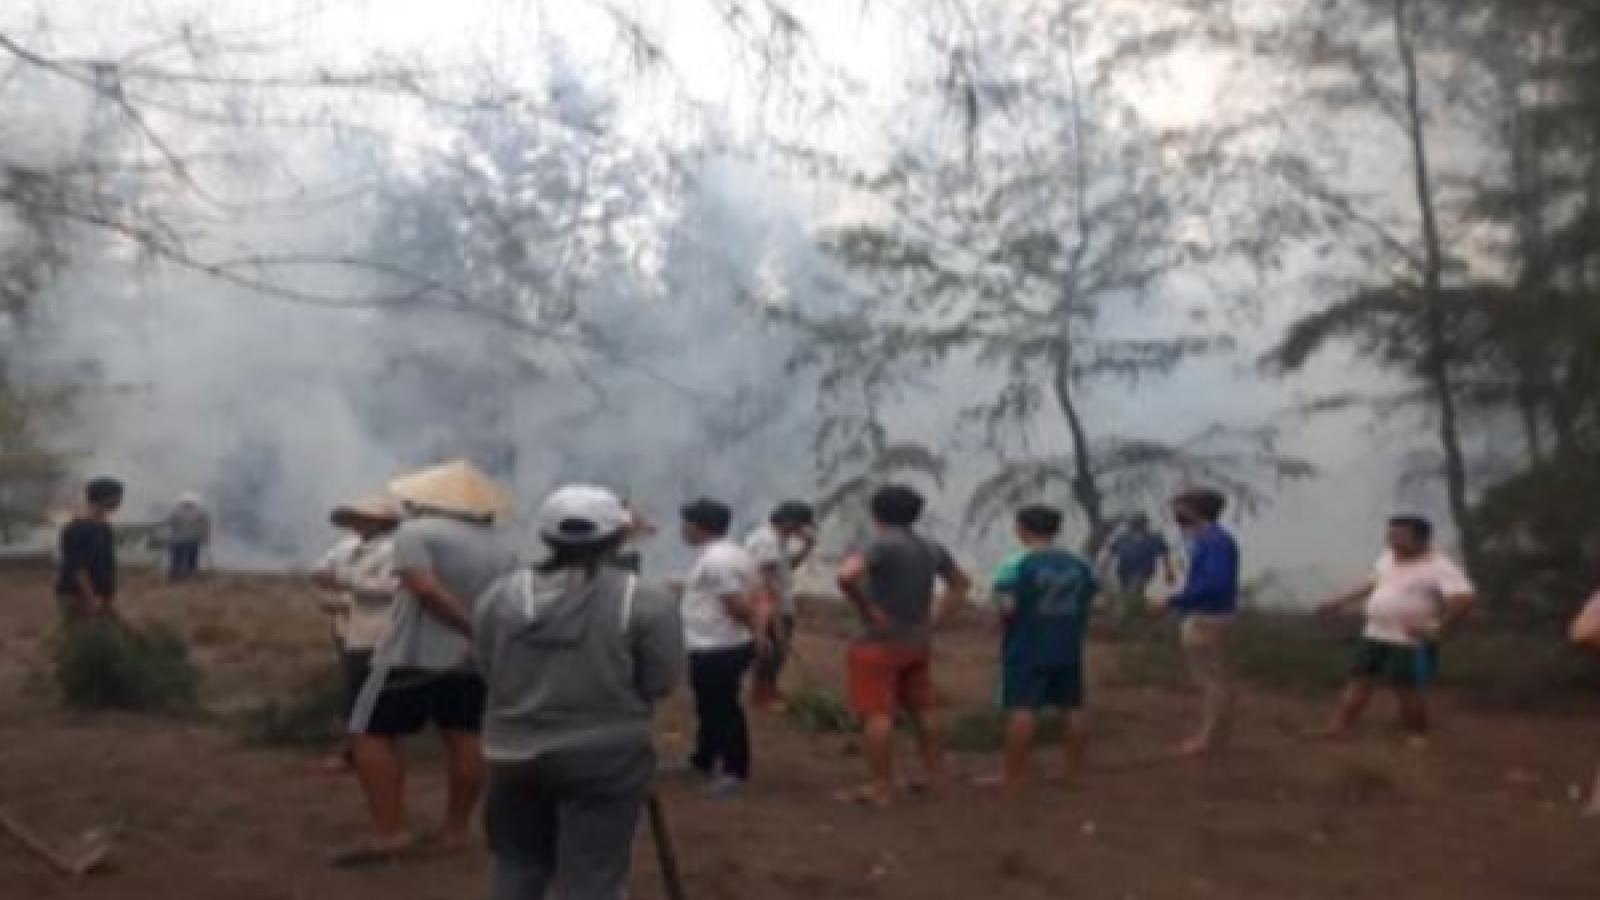 Nâng cao trách nhiệm cộng đồng trong phòng cháy chữa cháy rừng